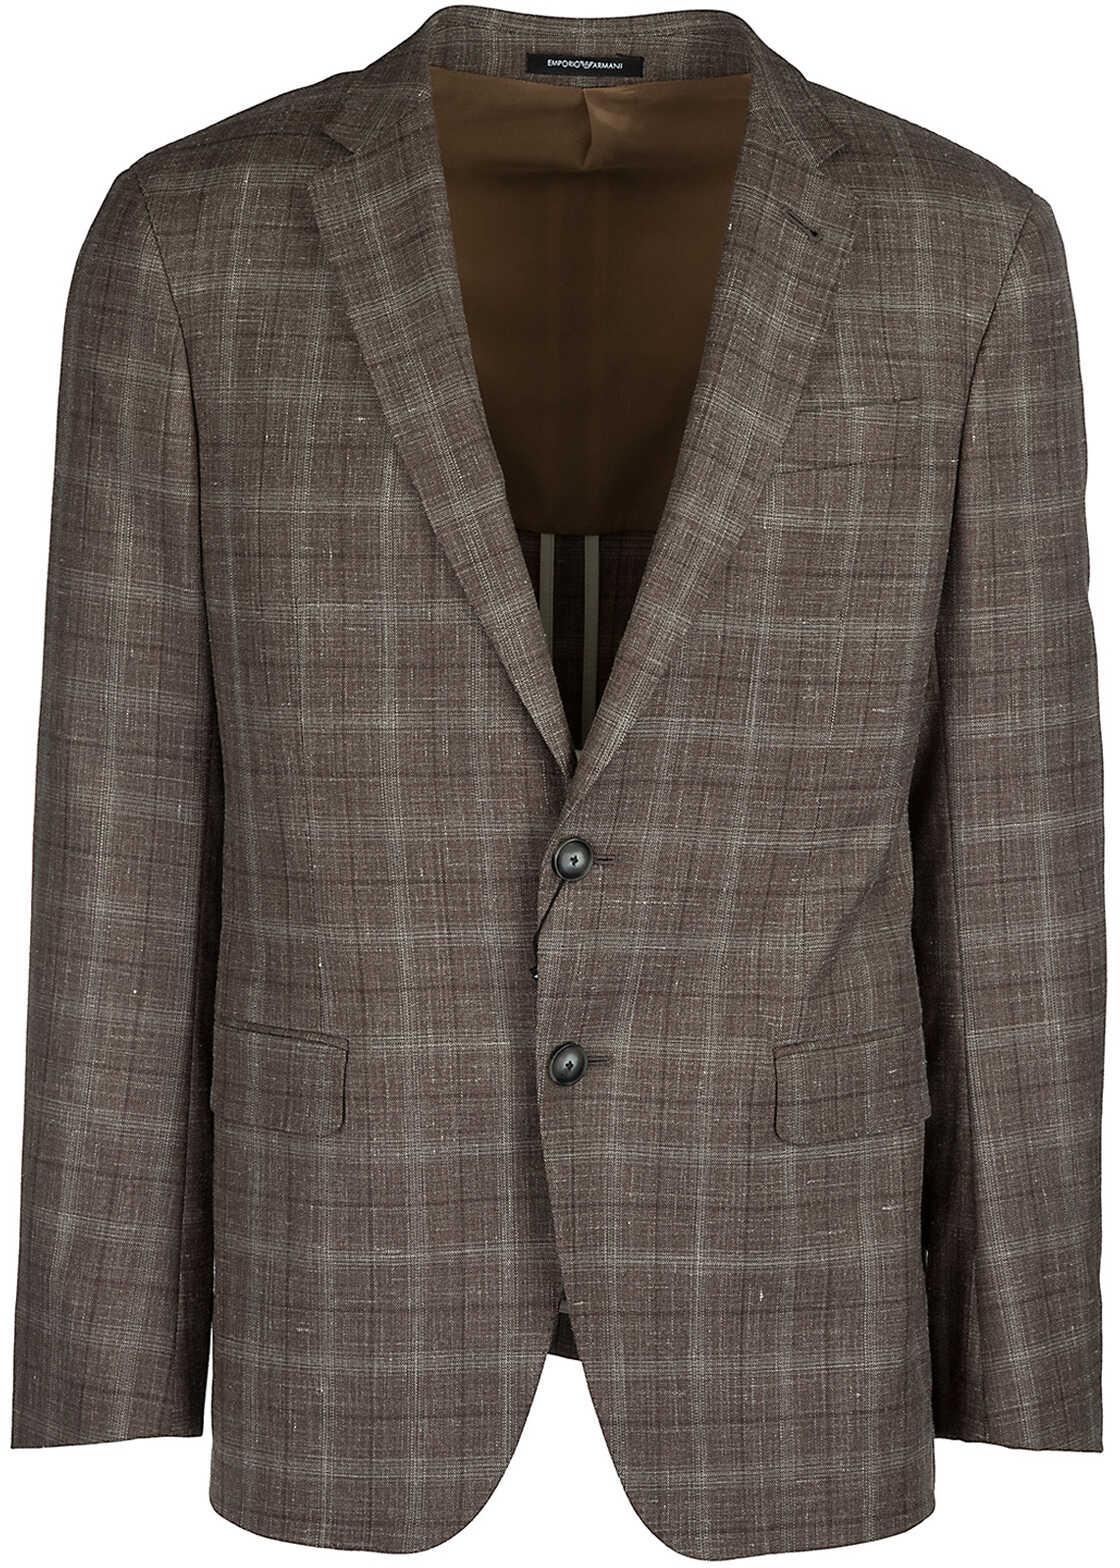 Emporio Armani Jacket Blazer Brown